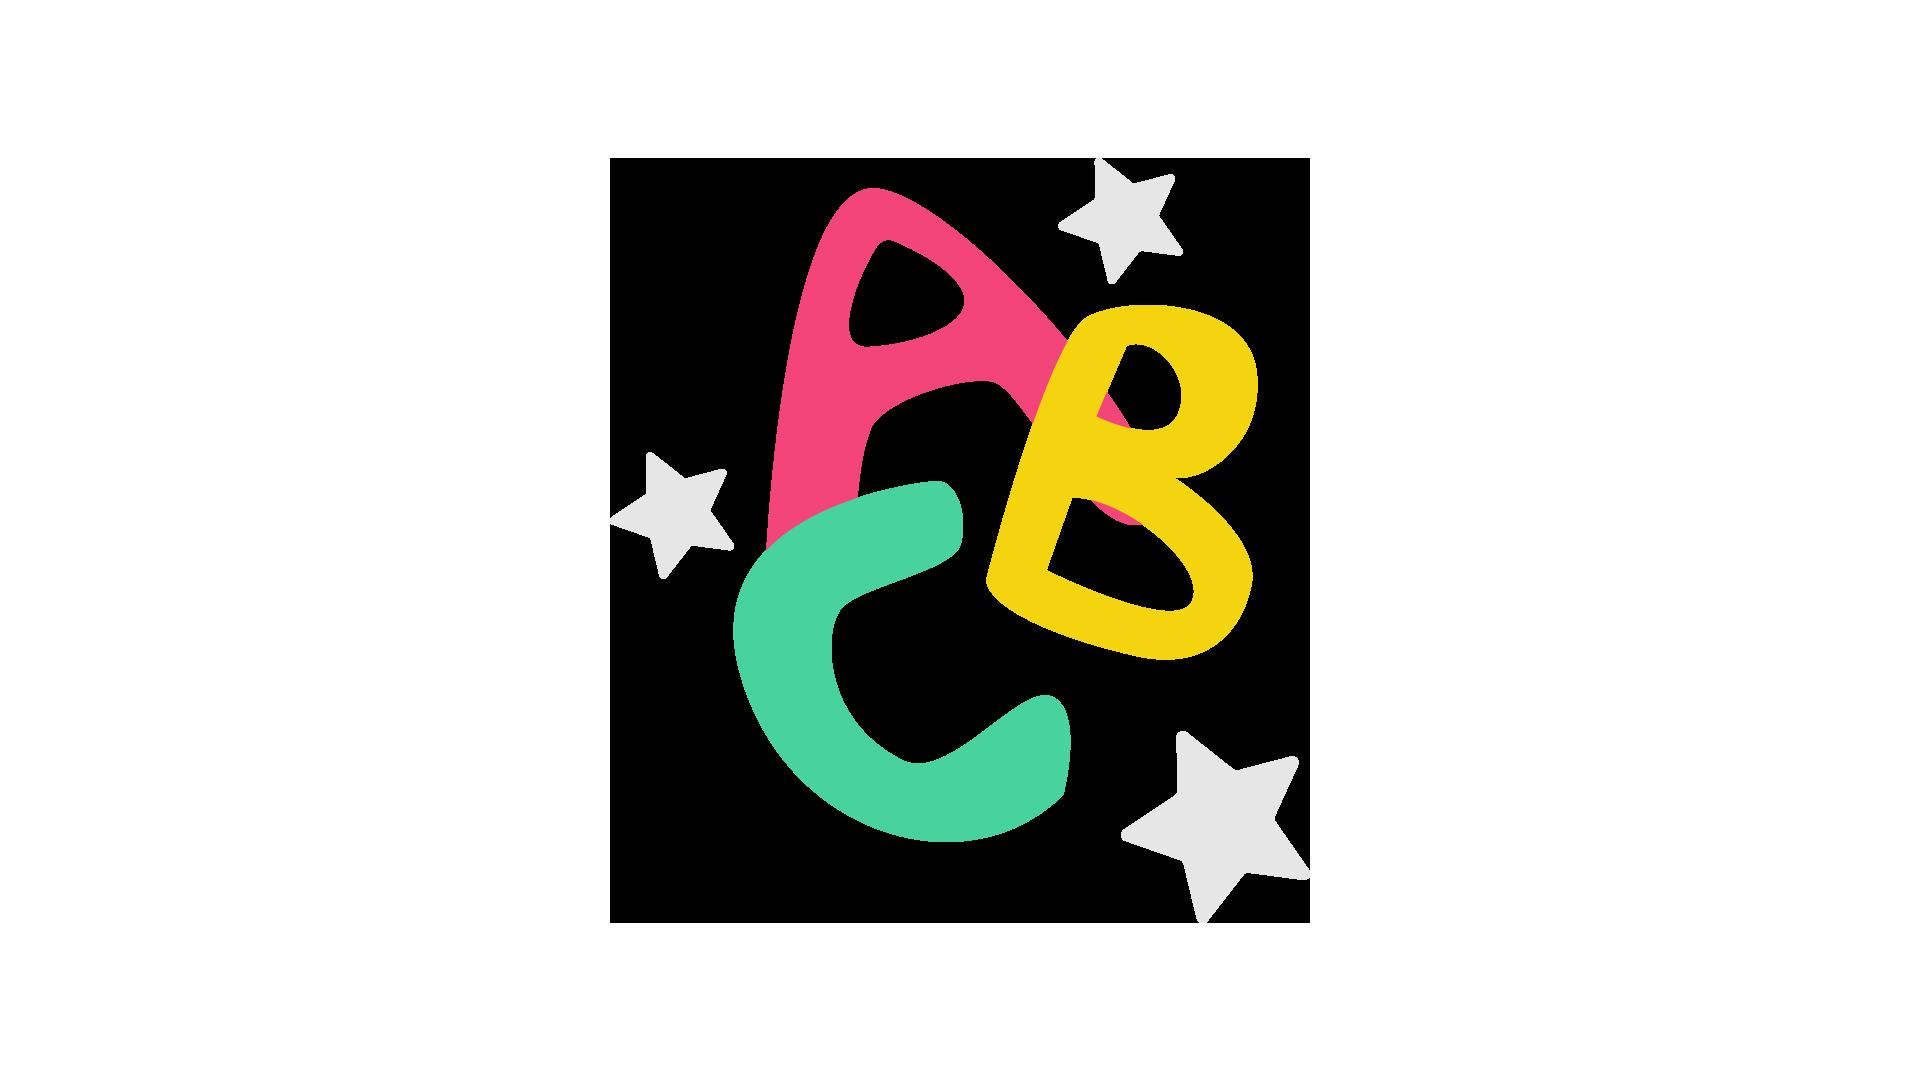 ABC_16_9